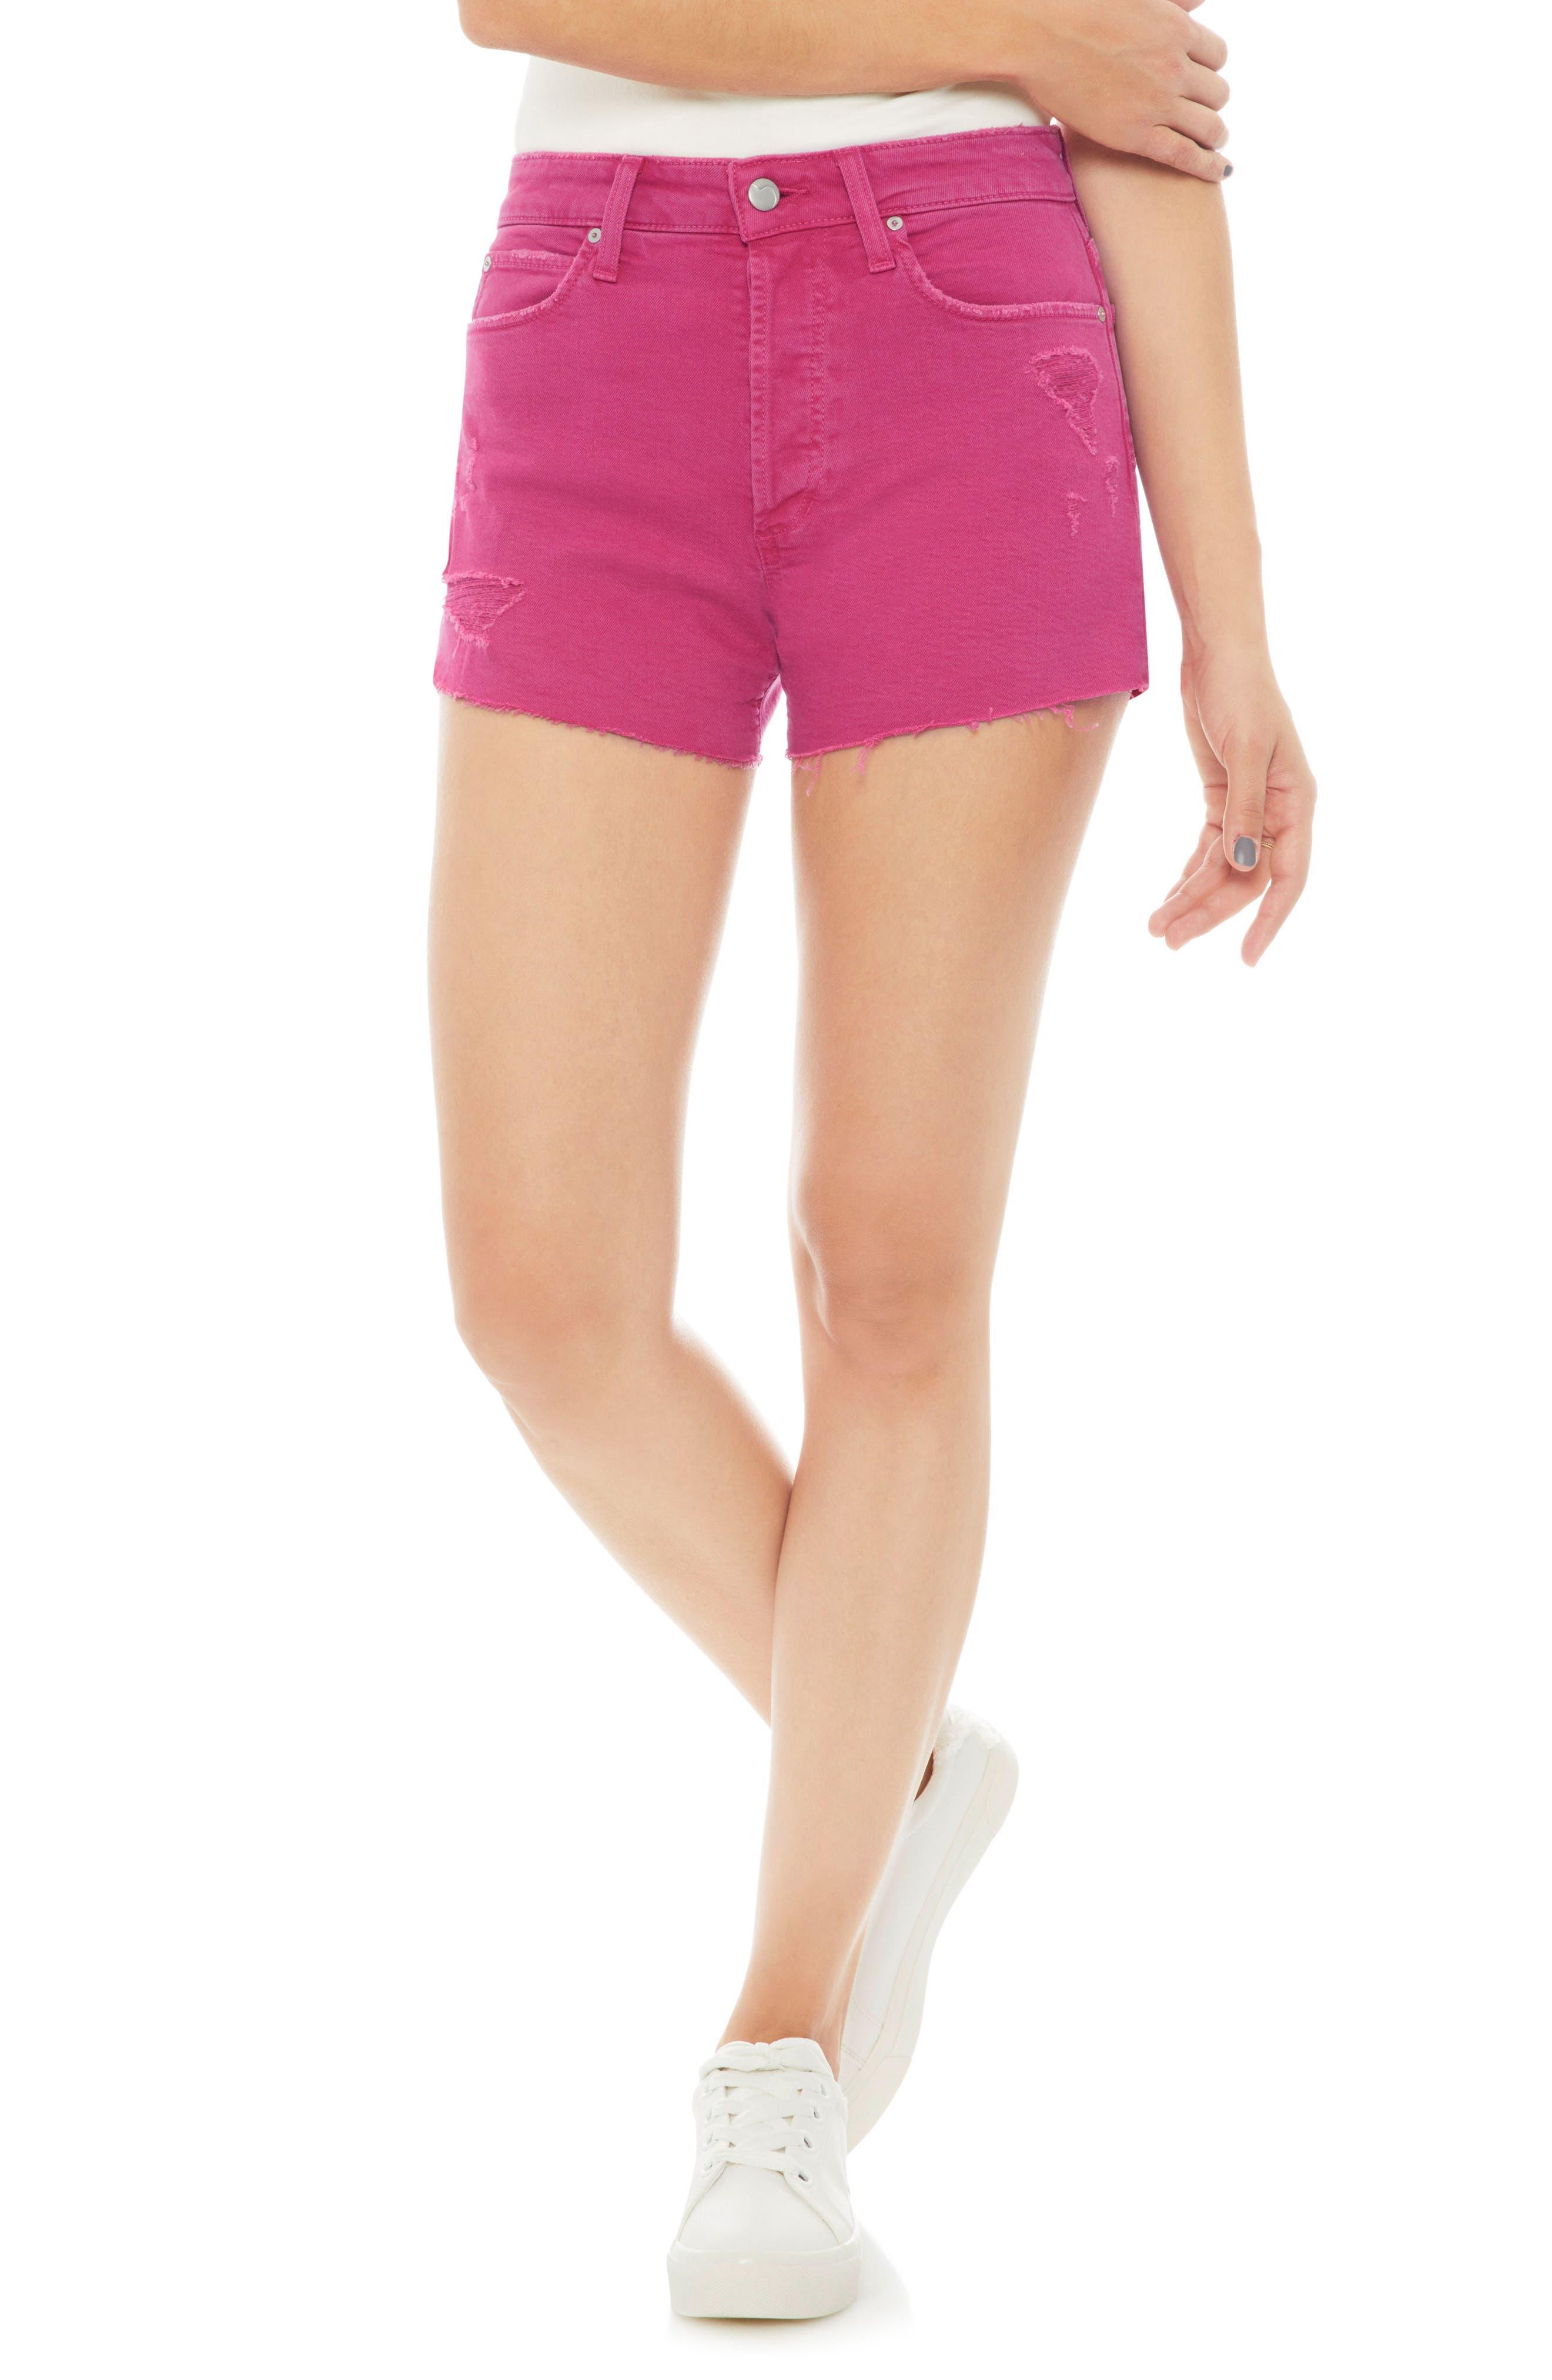 Joe's Smith High Waist Shorts